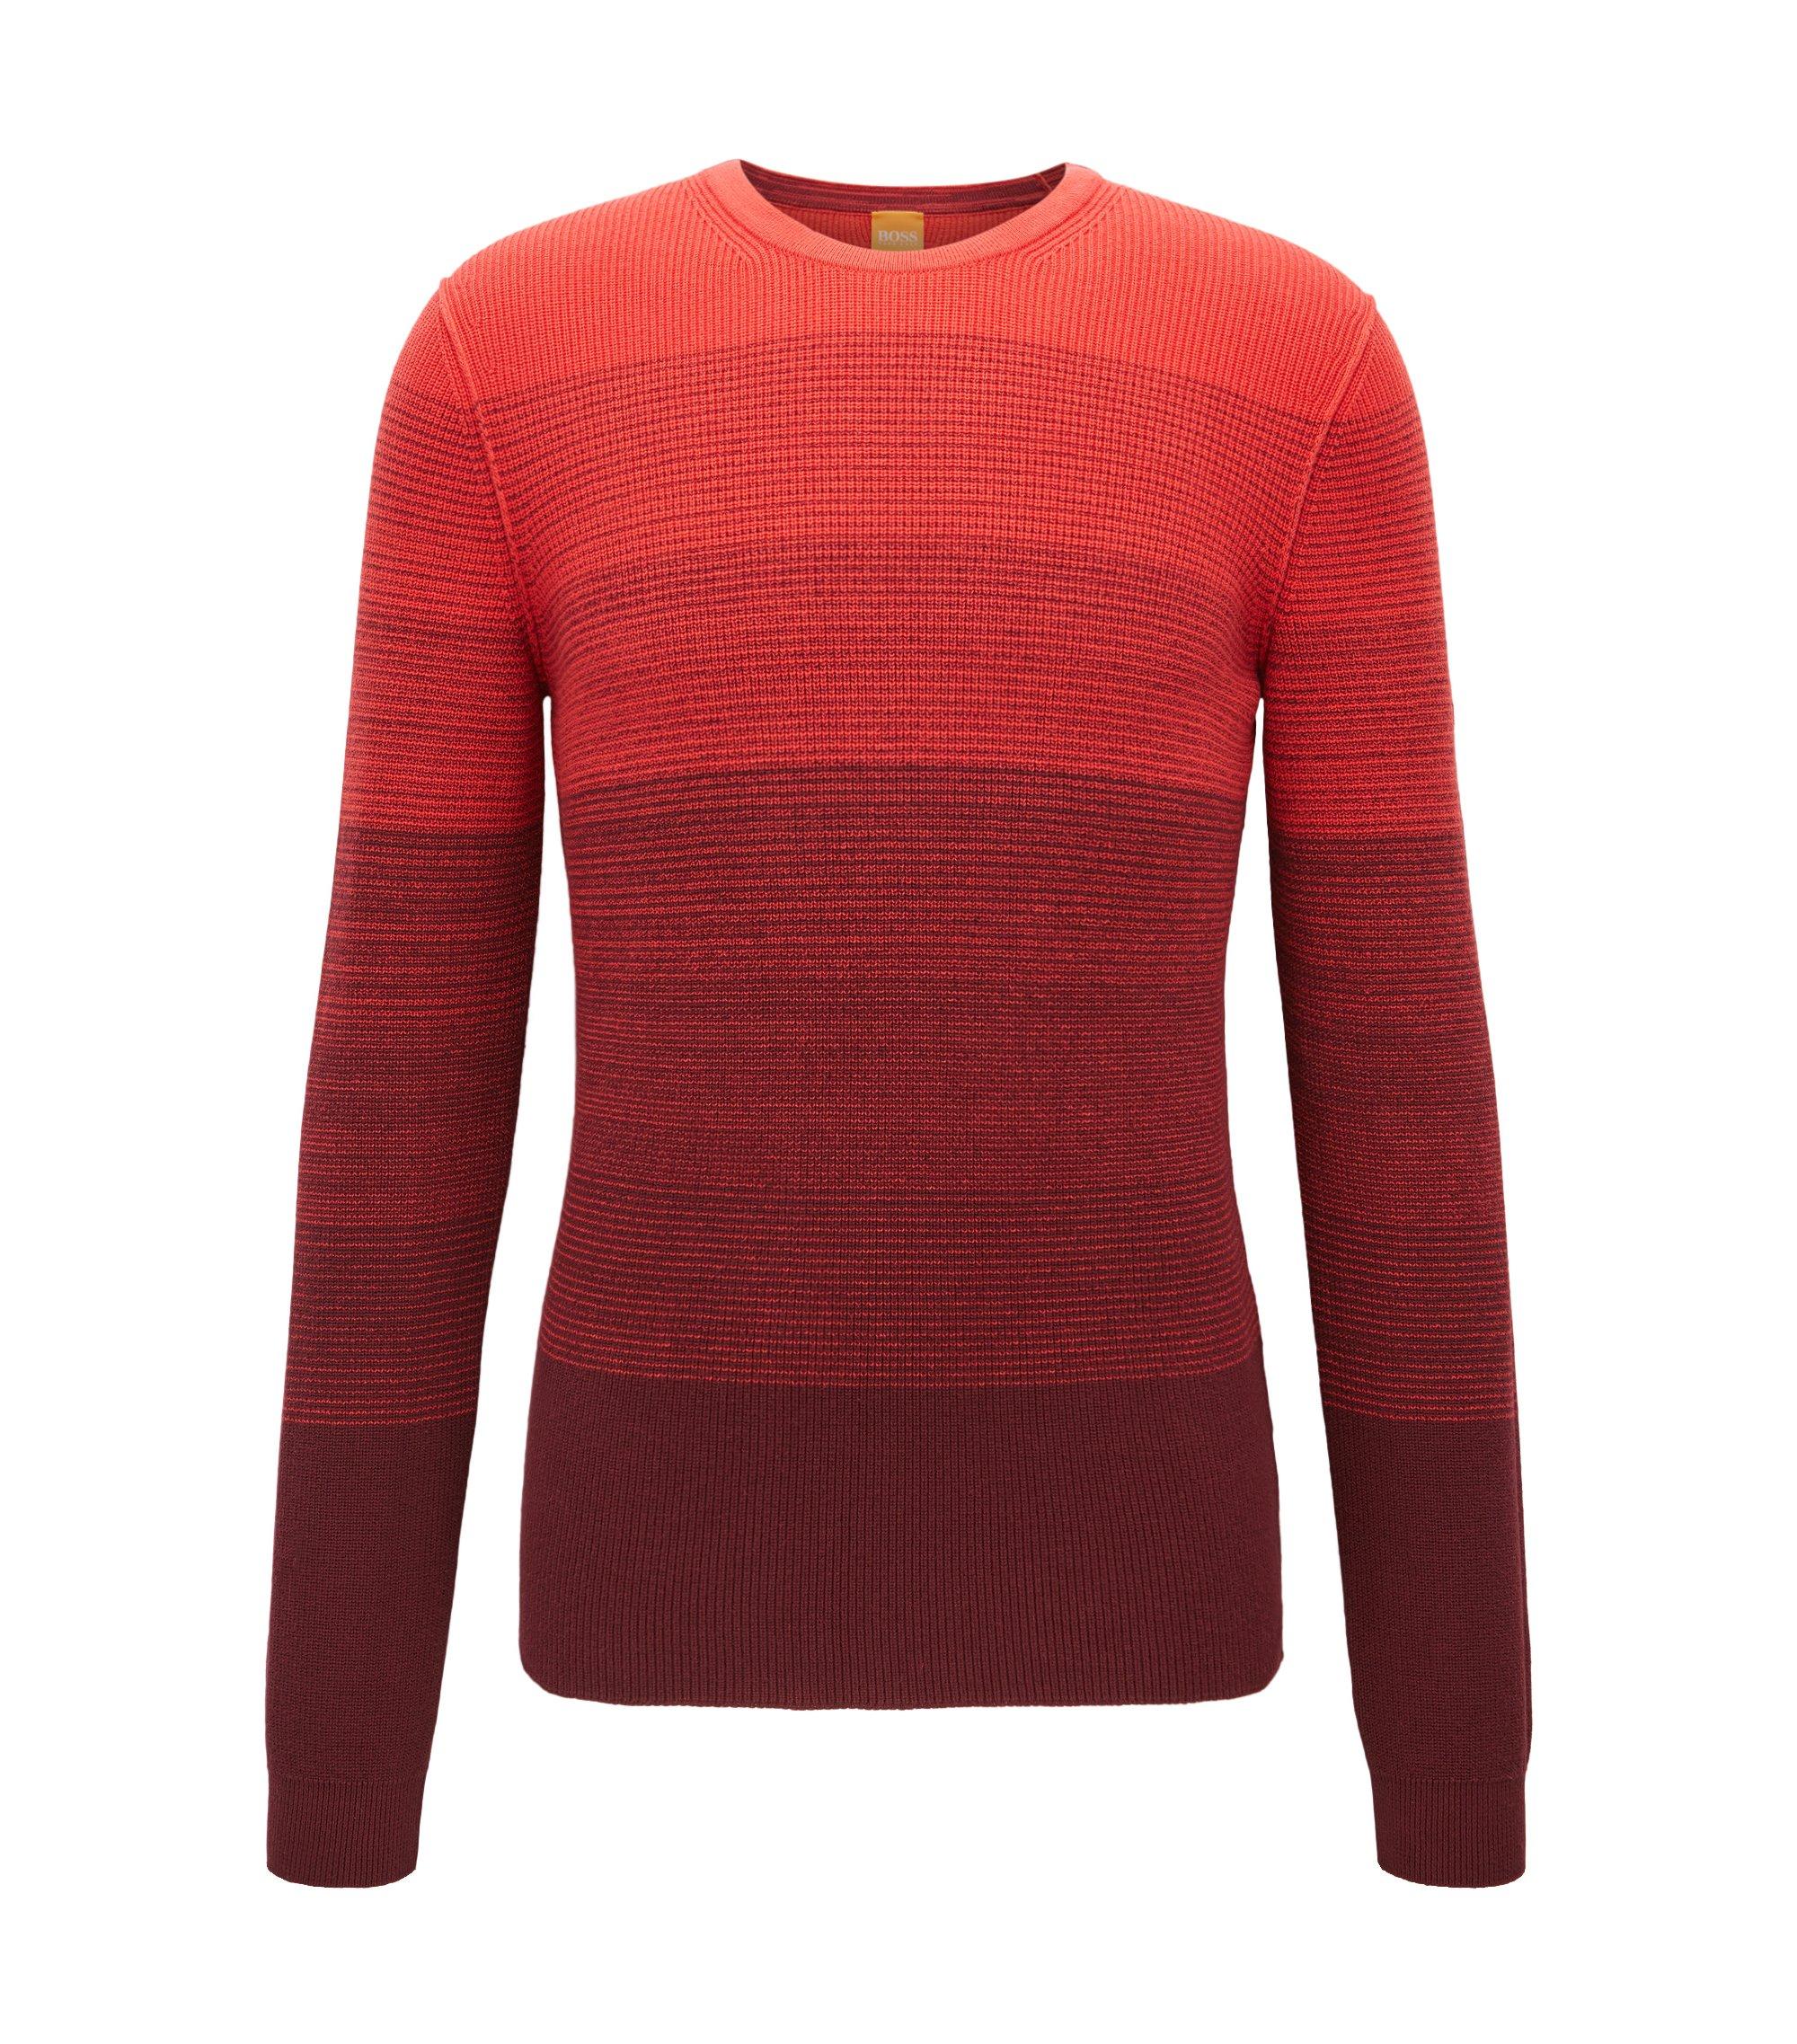 Maglione in cotone con lavorazione a coste e sfumature dégradé, Rosso